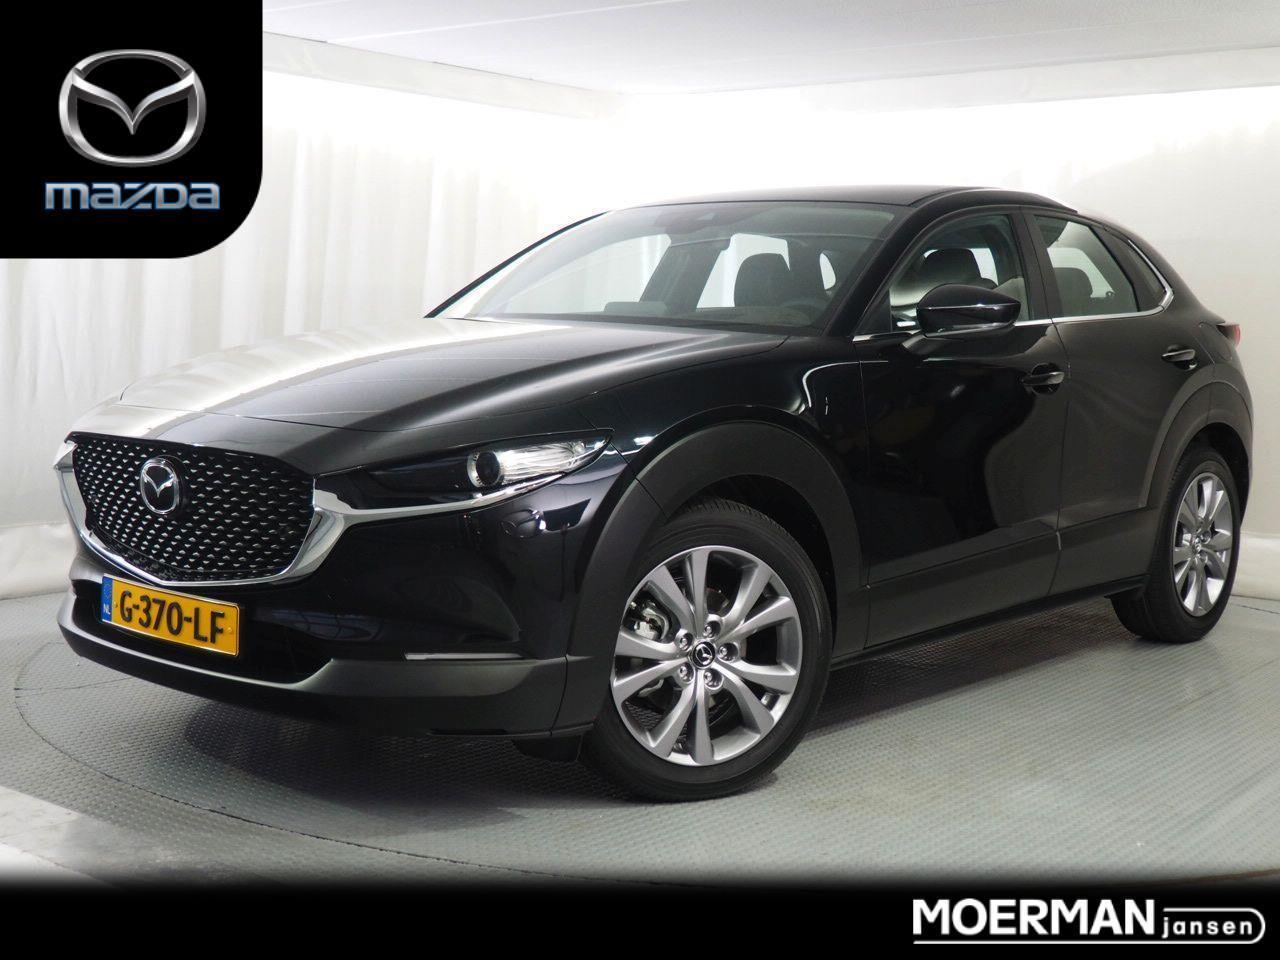 Mazda Cx-30 2.0 skyactiv-x comfort / demo / leder / automaat / 180pk / nieuwste model